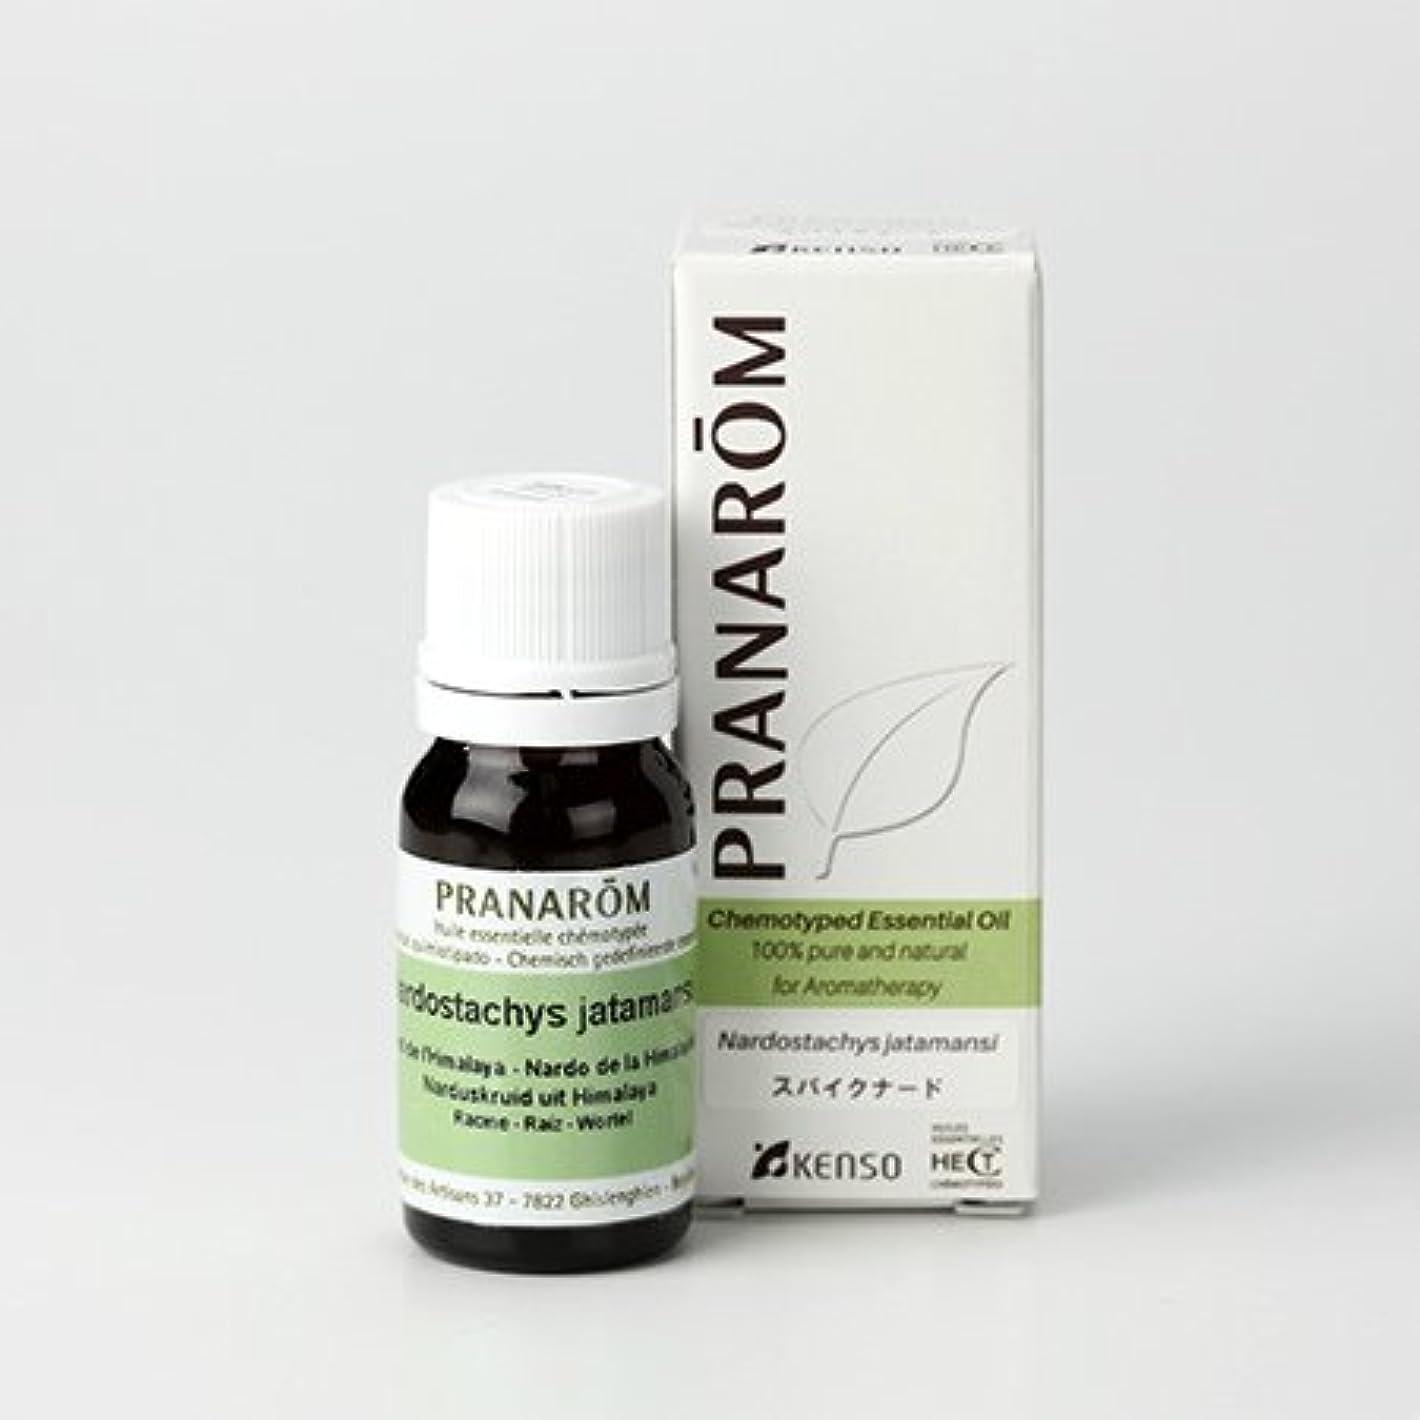 拮抗するヤングダメージプラナロム スパイクナード 10ml (PRANAROM ケモタイプ精油)